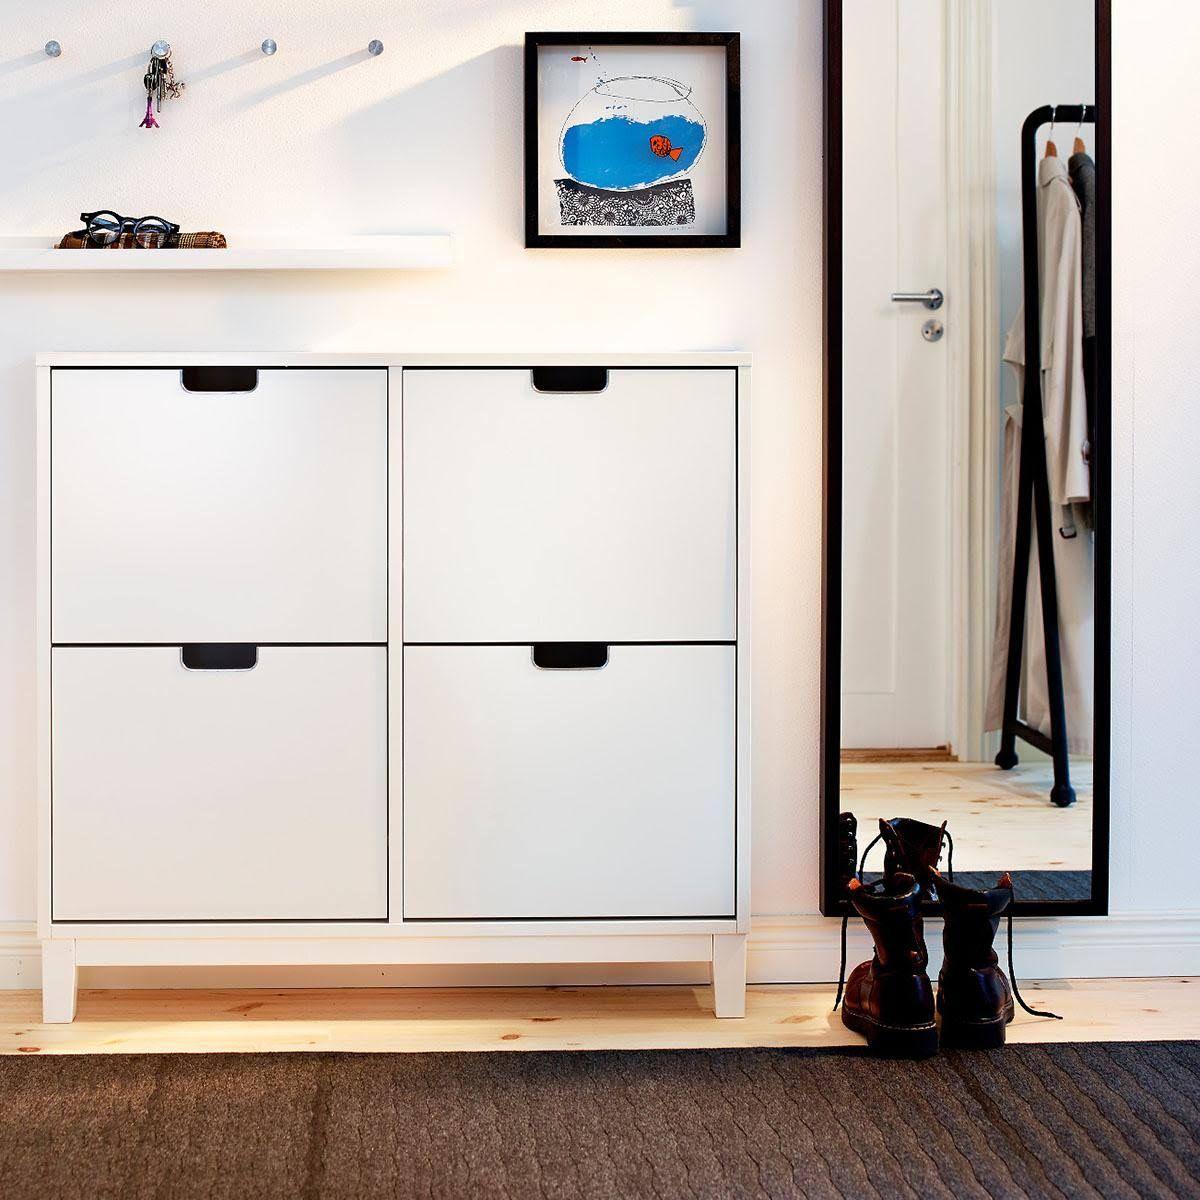 Atemberaubend Perfekte Dekoration Ikea Schlafzimmer: Schuhschränke Und Schuhregale Für Den Flur